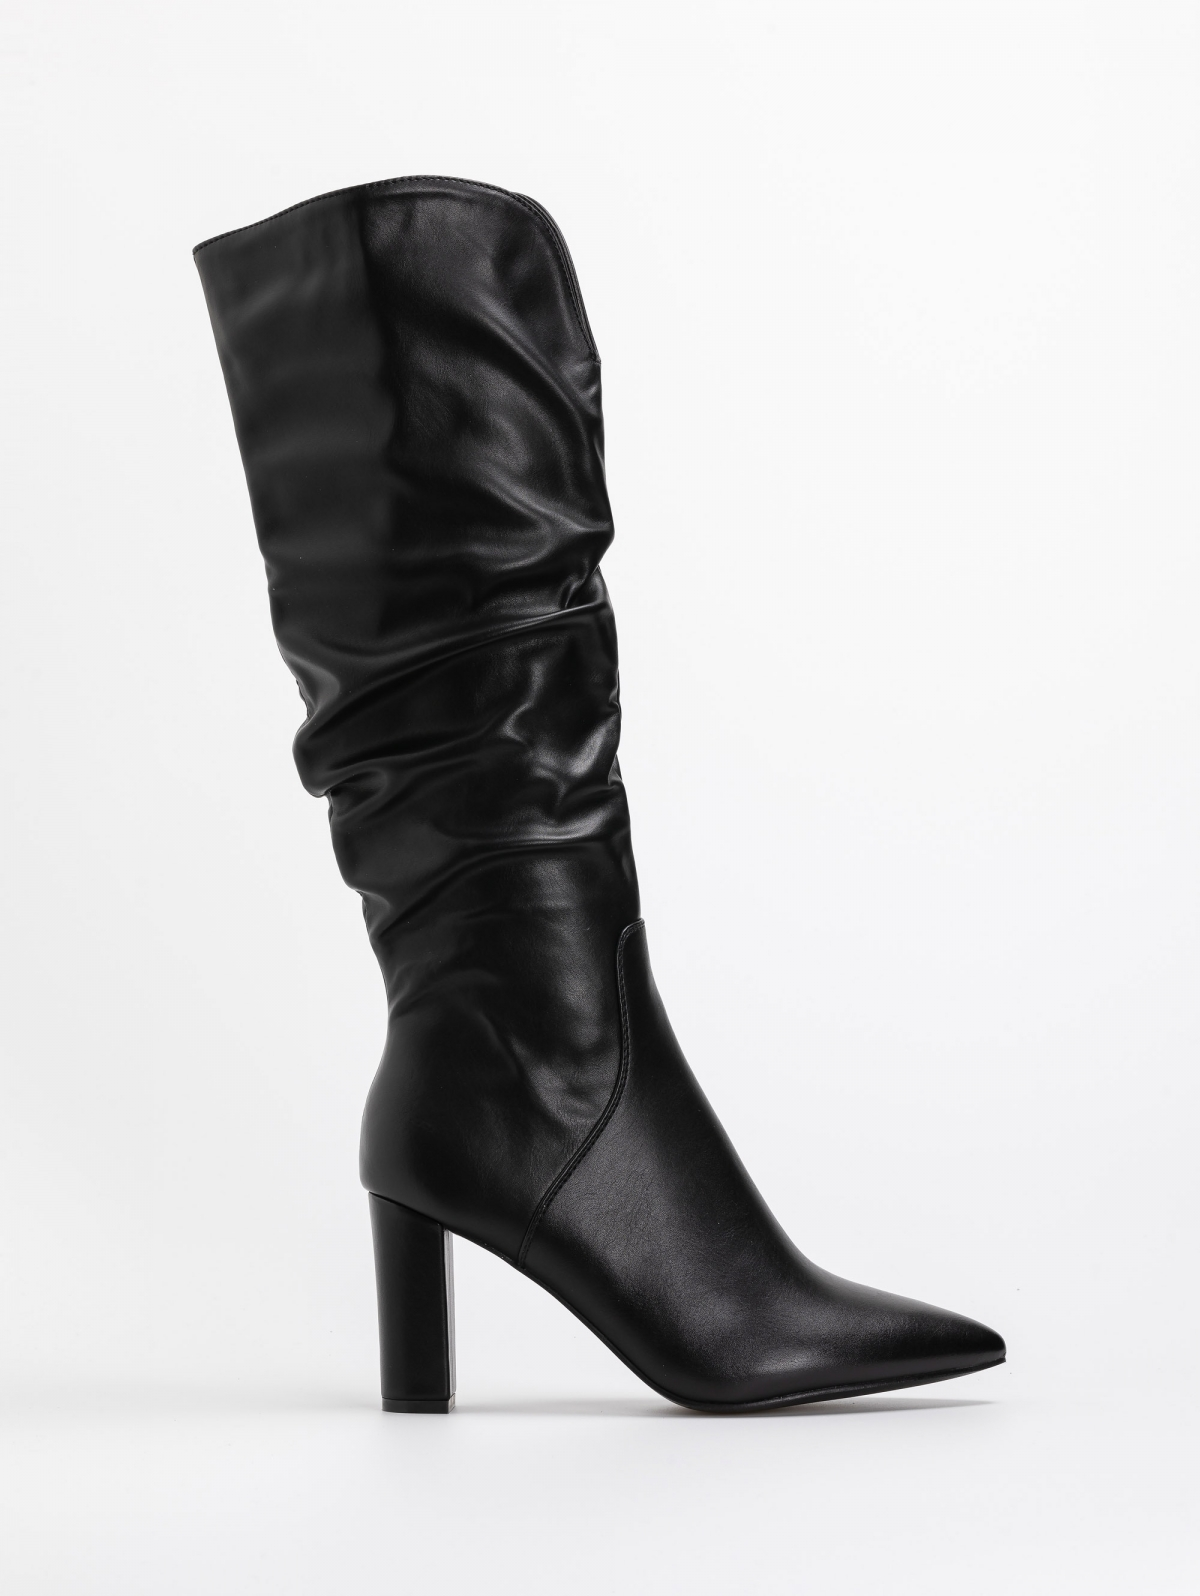 Μυτερές μπότες με άνοιγμα στο τελείωμα - Μαύρο